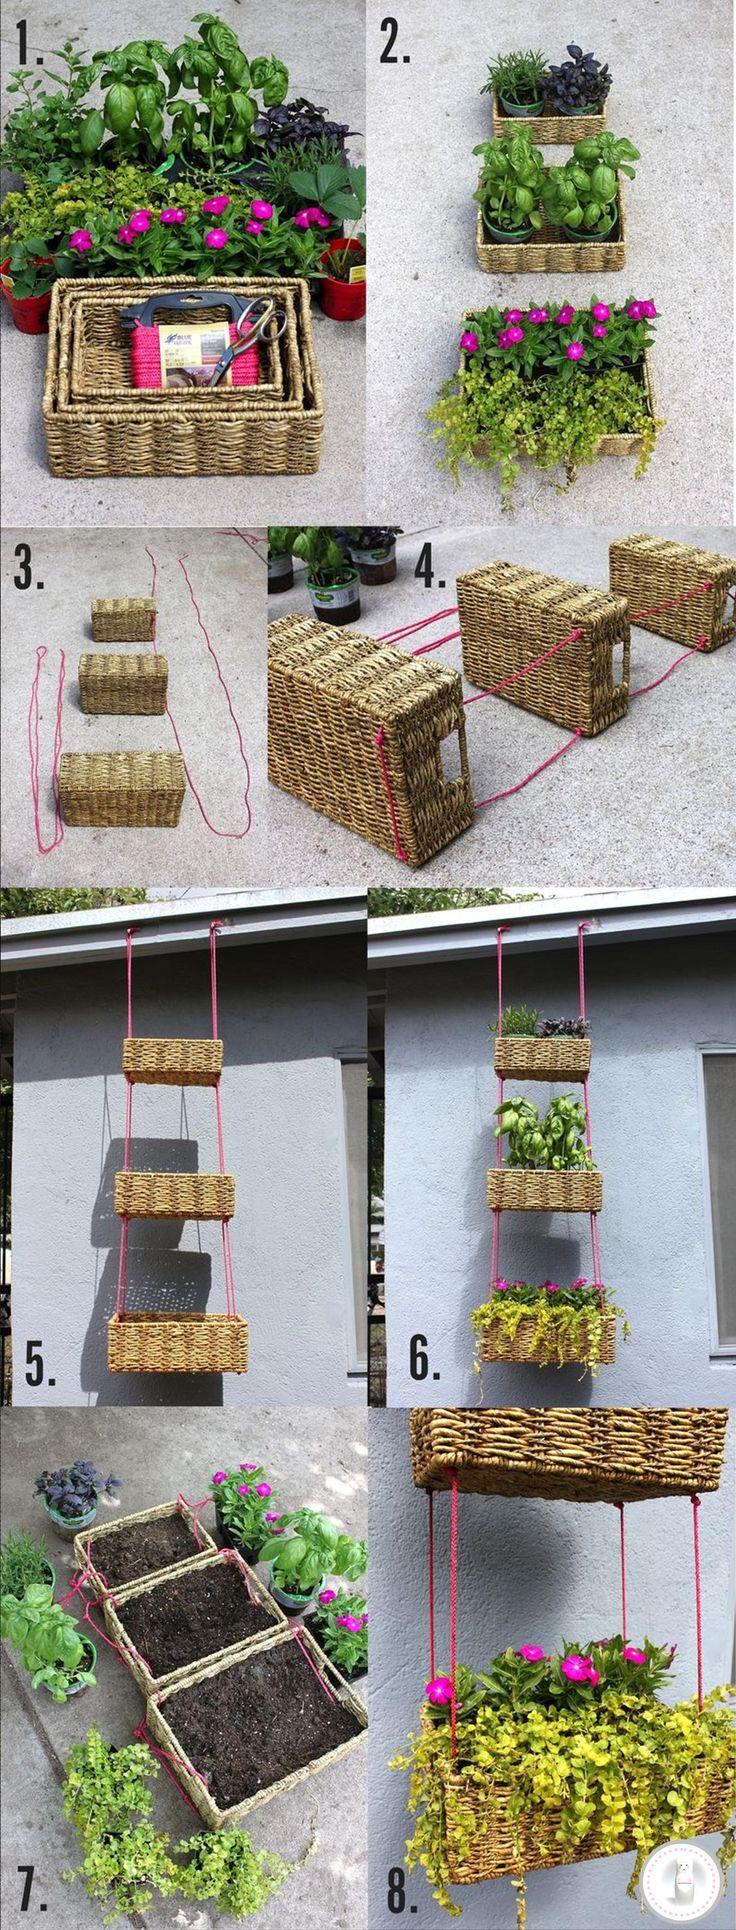 17 mejores im genes sobre ideas para macetas plantas terrazas en pinterest entablado sillas - Colgadores de macetas ...